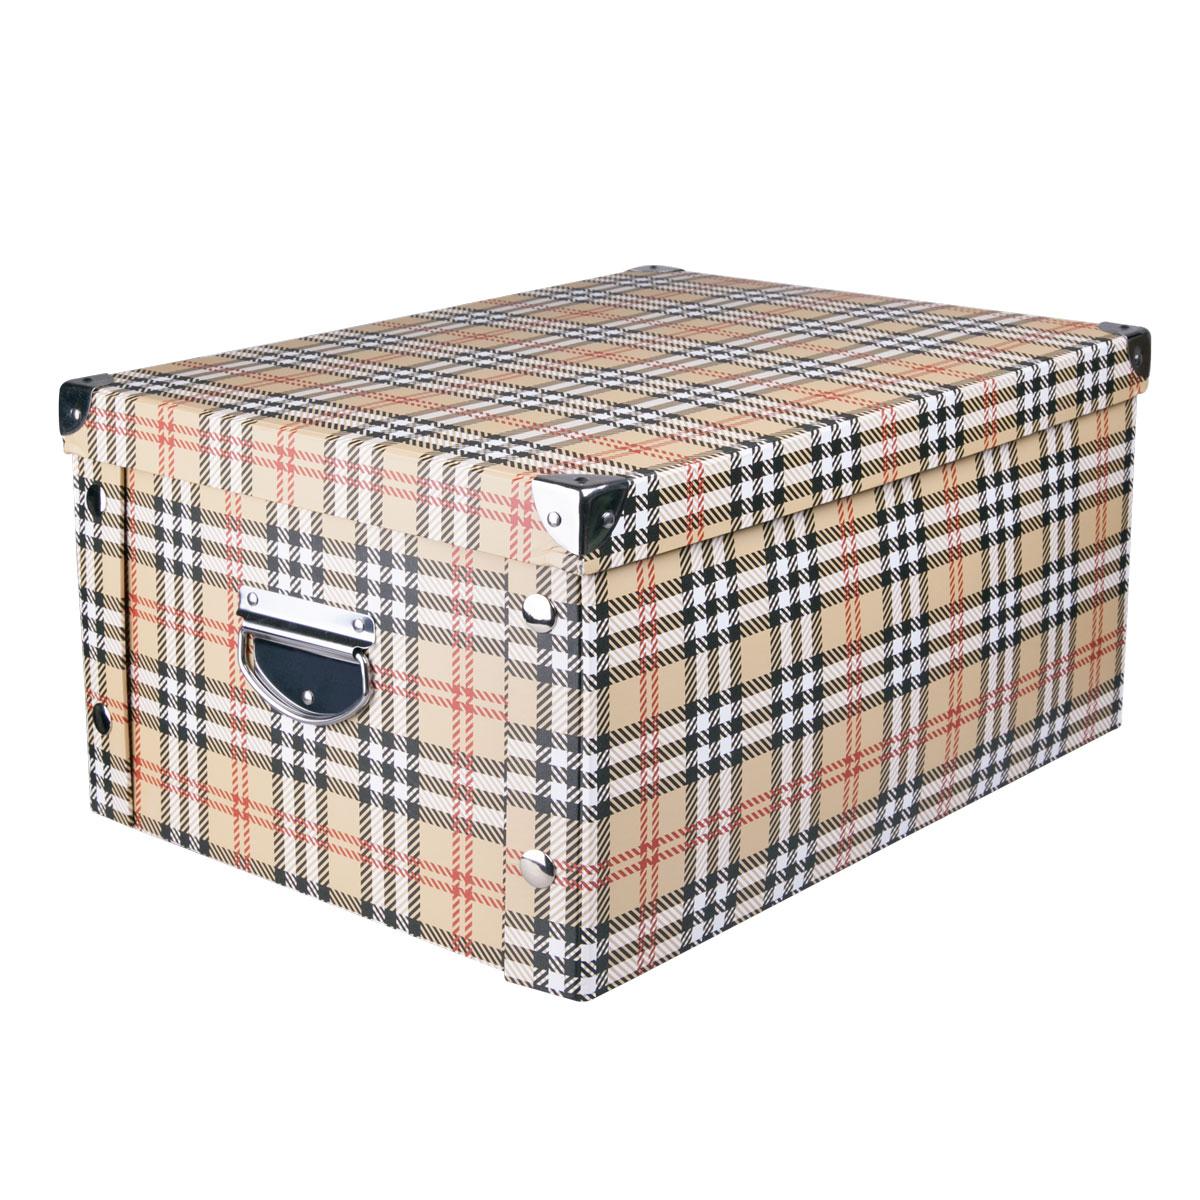 Коробка для хранения Miolla, 30 х 20 х 15 см. CFB-05CFB-05Коробка для хранения Miolla прекрасно подойдет для хранения бытовых мелочей, документов, аксессуаров для рукоделия и других мелких предметов. Коробка поставляется в разобранном виде, легко и быстро складывается. Плотная крышка и удобные для переноски металлические ручки станут приятным дополнением к функциональным достоинствам коробки. Удобная крышка не даст ни одной вещи потеряться, а оптимальный размер подойдет для любого шкафа или полки. Компактная, но при этом вместительная коробка для хранения станет яркой нотой в вашем интерьере.